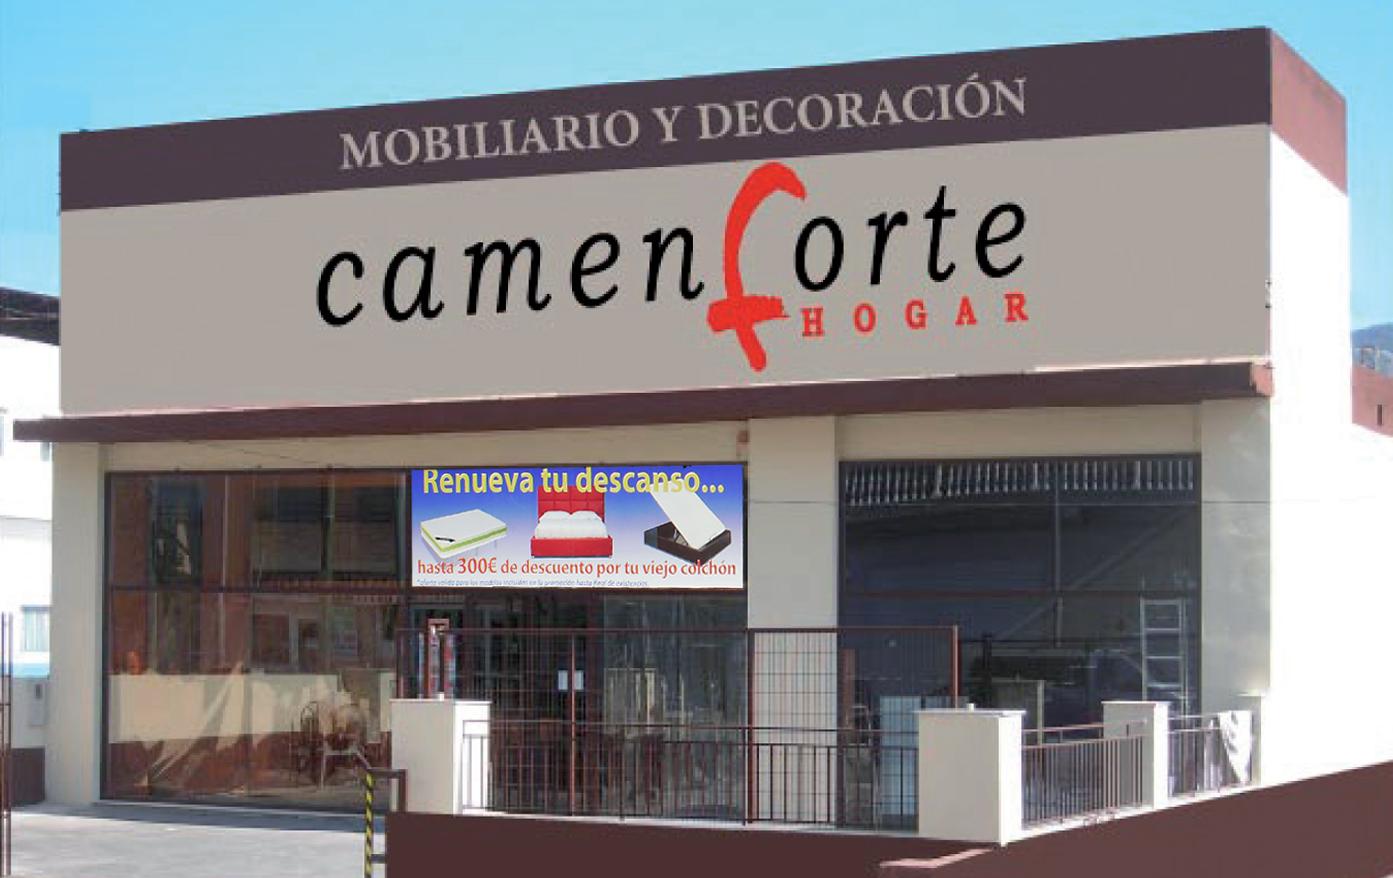 Imagen Tienda Mobiliario y decoracion